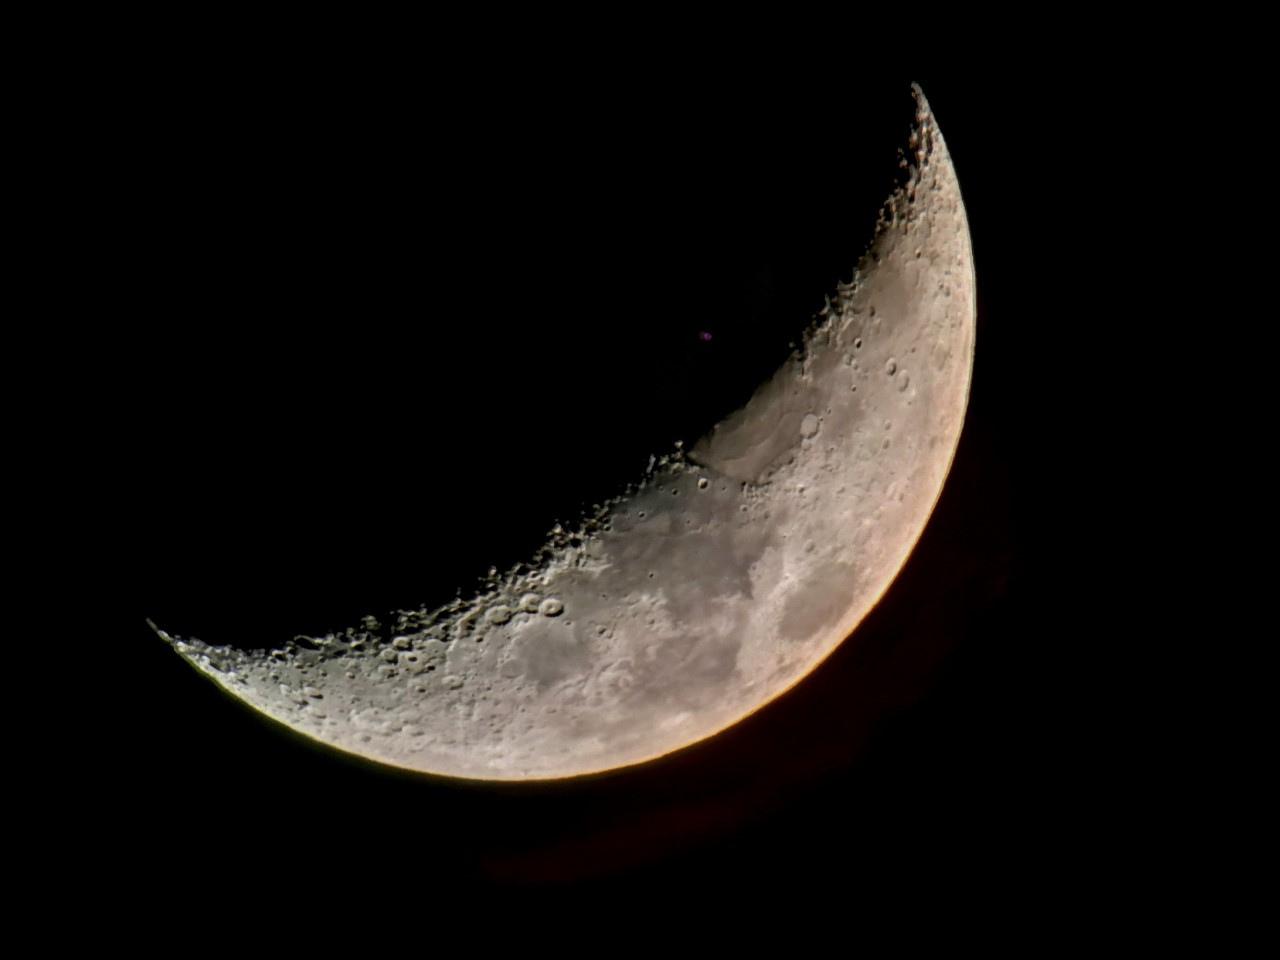 Lune_ascendante_20190210_213855.jpg